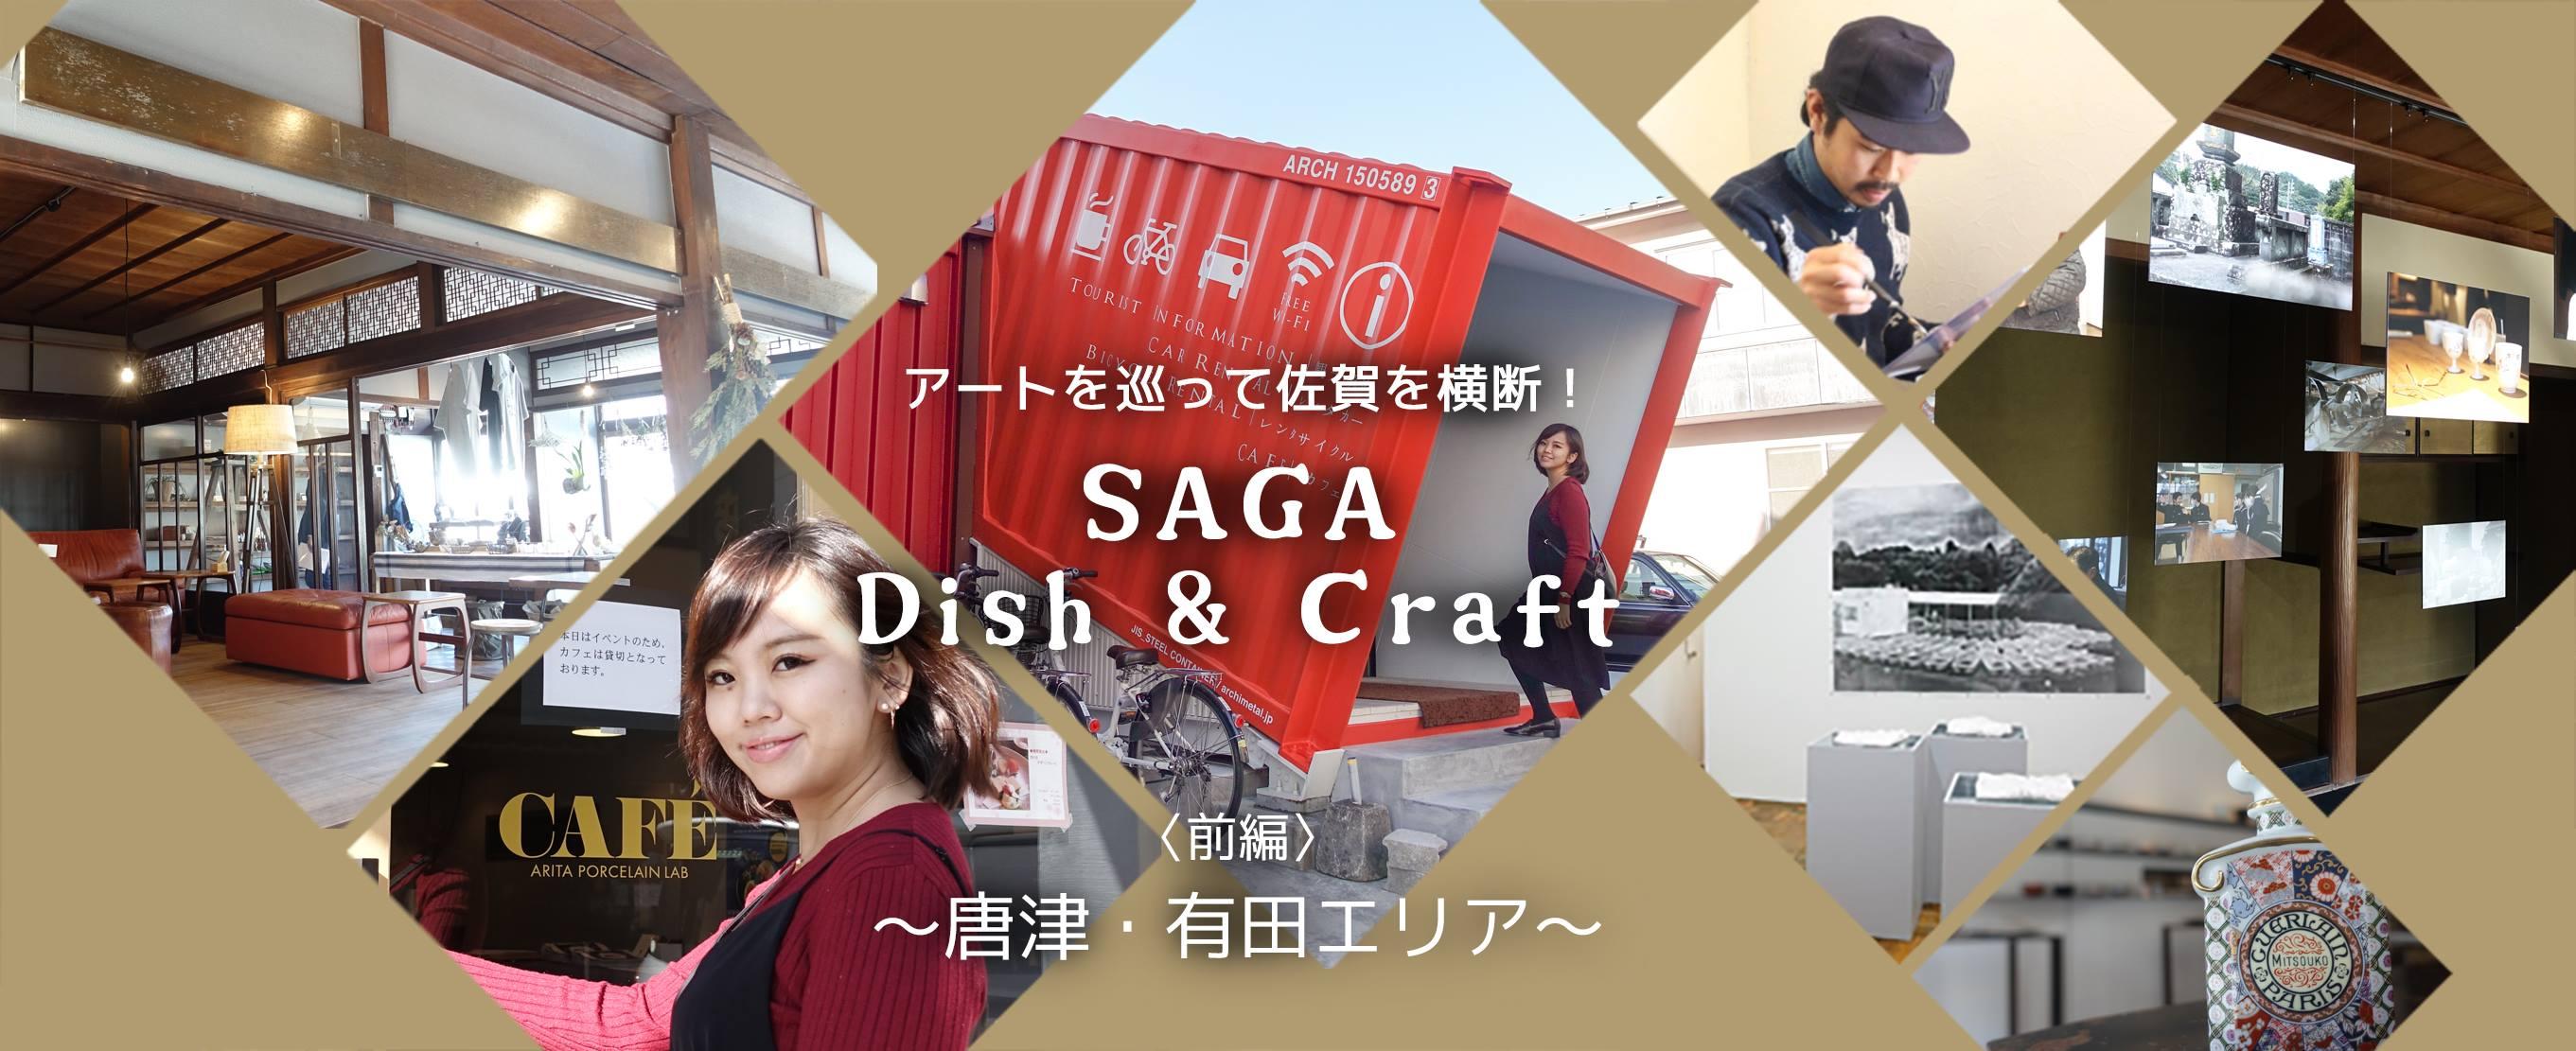 アートを巡って佐賀を横断!『SAGA Dish & Craft』〜唐津・有田エリア〜